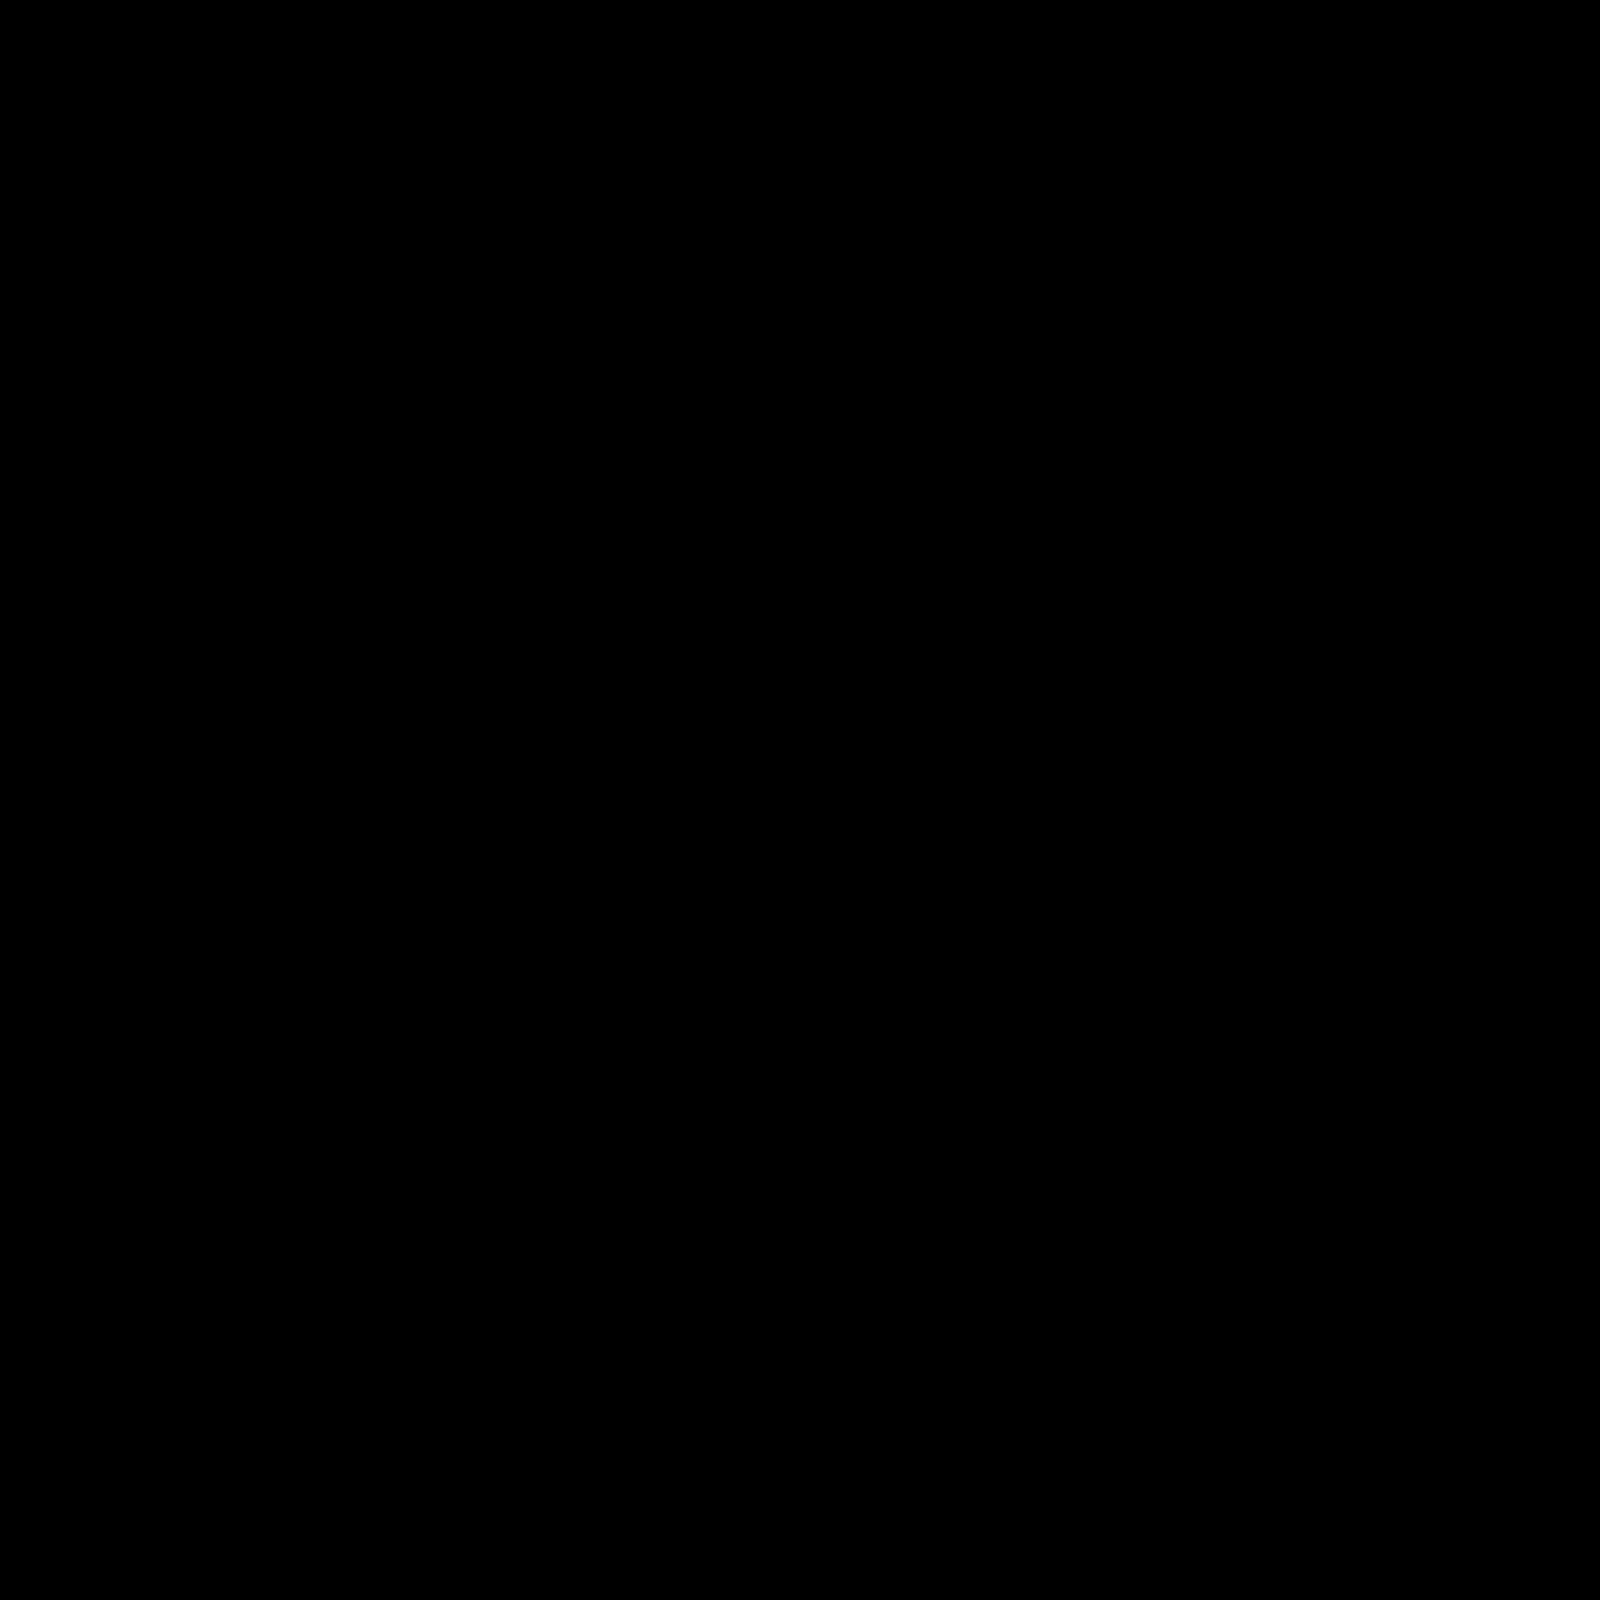 明るさ icon